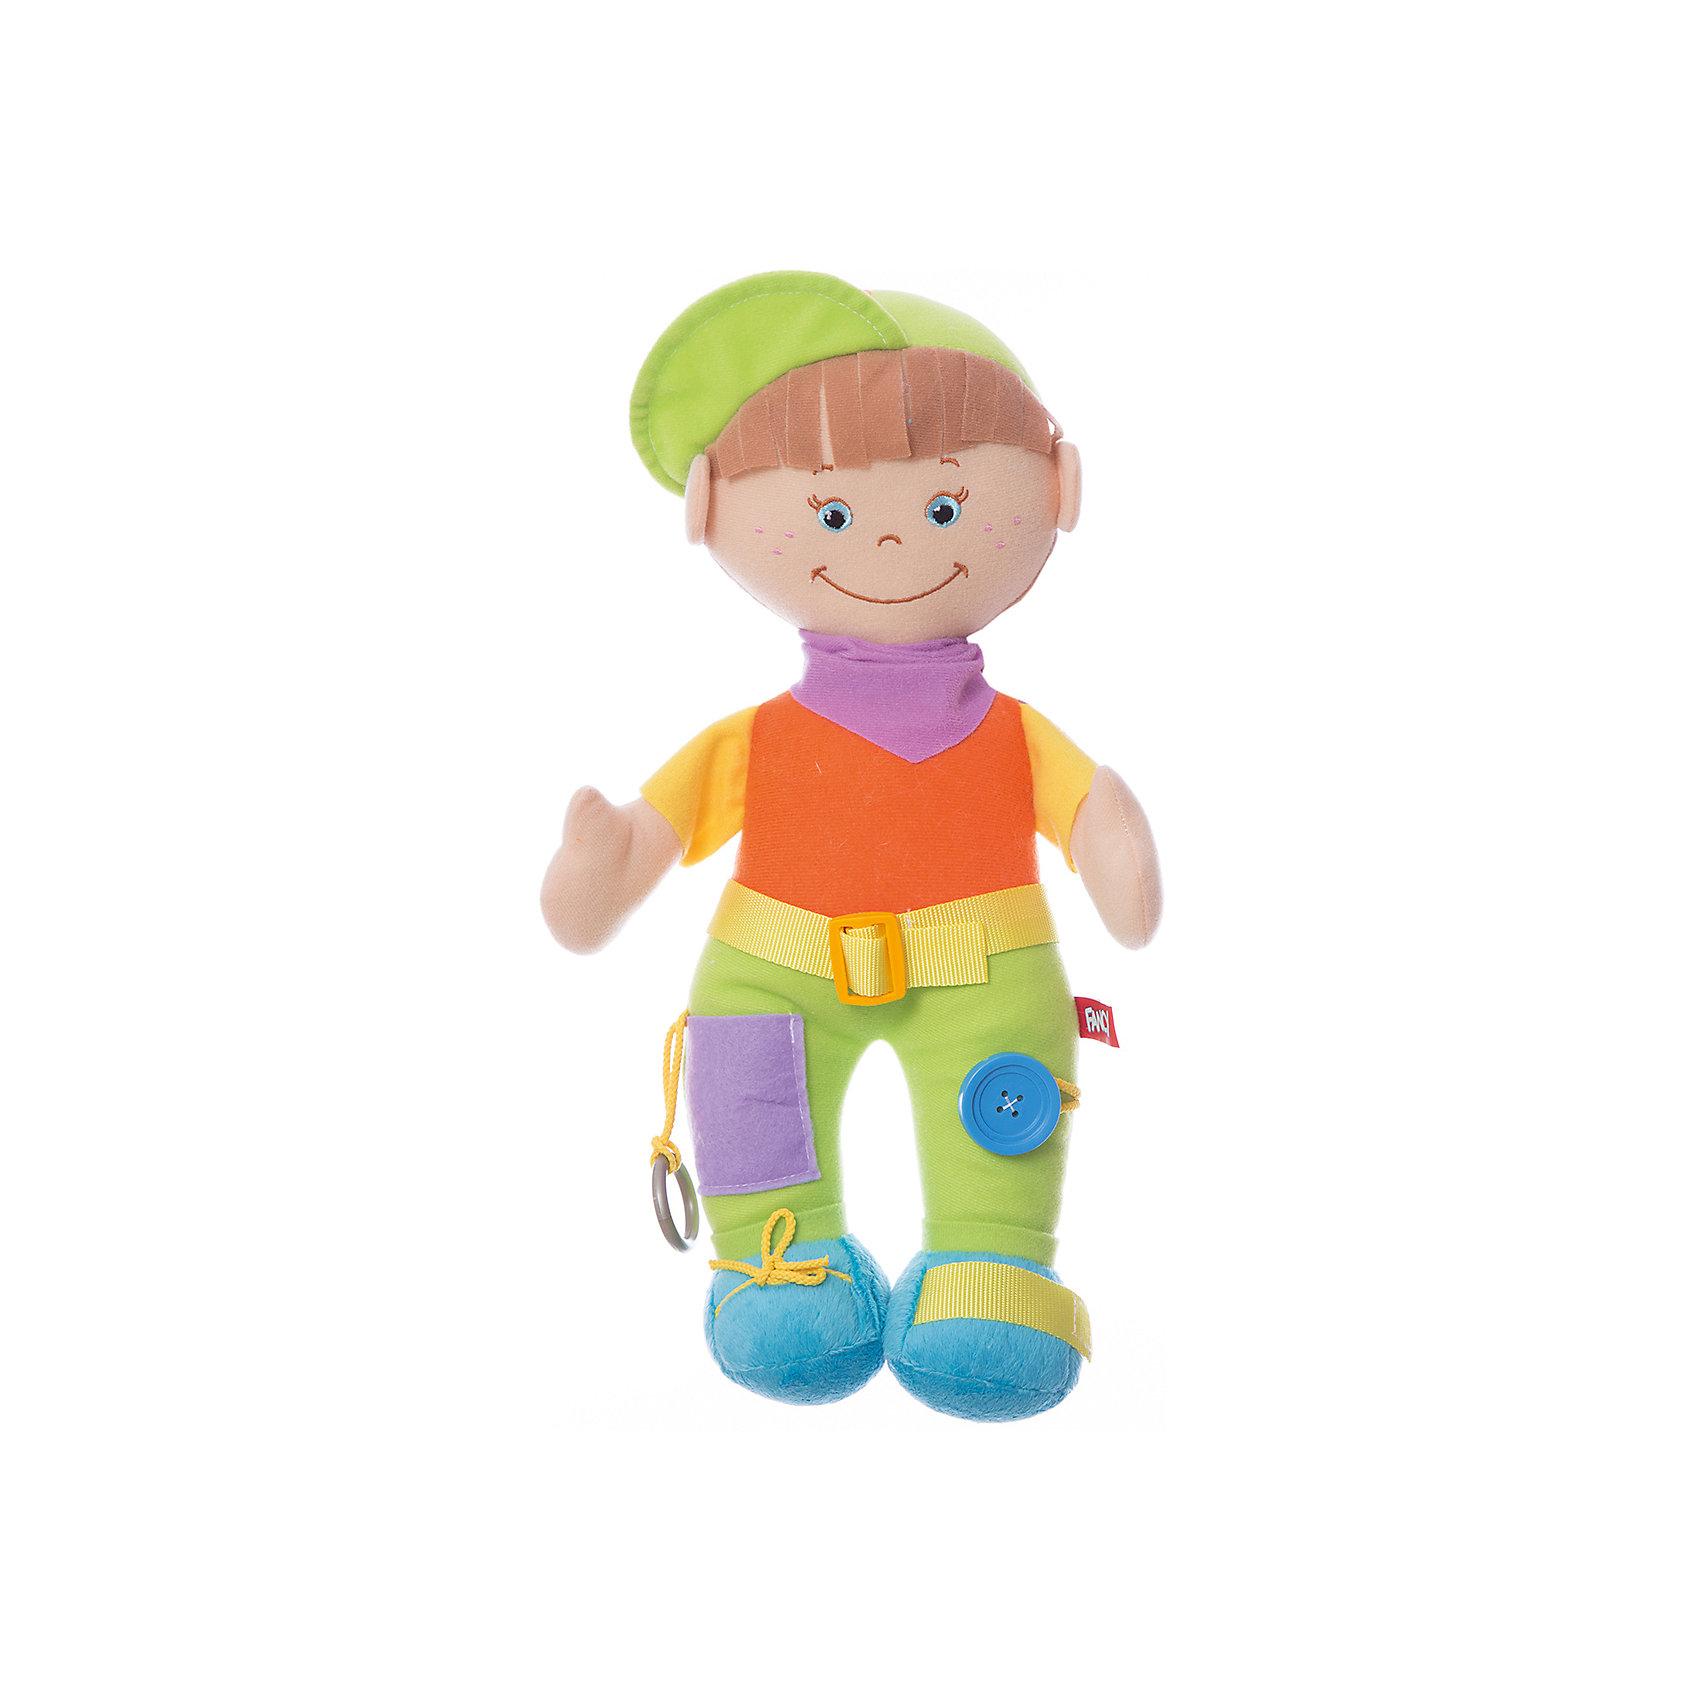 Мягкая игрушка Кнопик, FancyЗвери и птицы<br>Характеристики:<br><br>• высота игрушки: 39 см;<br>• тип игрушки: развивающая кукла;<br>• материал: текстиль, синтетический наполнитель. <br><br>Развивающую куклу Кнопик полюбят детки, которые с ее помощью научатся завязывать шнурки, застегивать пуговицы, расстегивать липучки. Комбинирование разнофактурных материалов помогает развить мелкую моторику. В процессе игры ребенок осваивает методику самостоятельности. <br><br>Мягкую игрушку Кнопик, Fancy можно купить в нашем магазине.<br><br>Ширина мм: 100<br>Глубина мм: 150<br>Высота мм: 350<br>Вес г: 190<br>Возраст от месяцев: 36<br>Возраст до месяцев: 2147483647<br>Пол: Унисекс<br>Возраст: Детский<br>SKU: 5269002